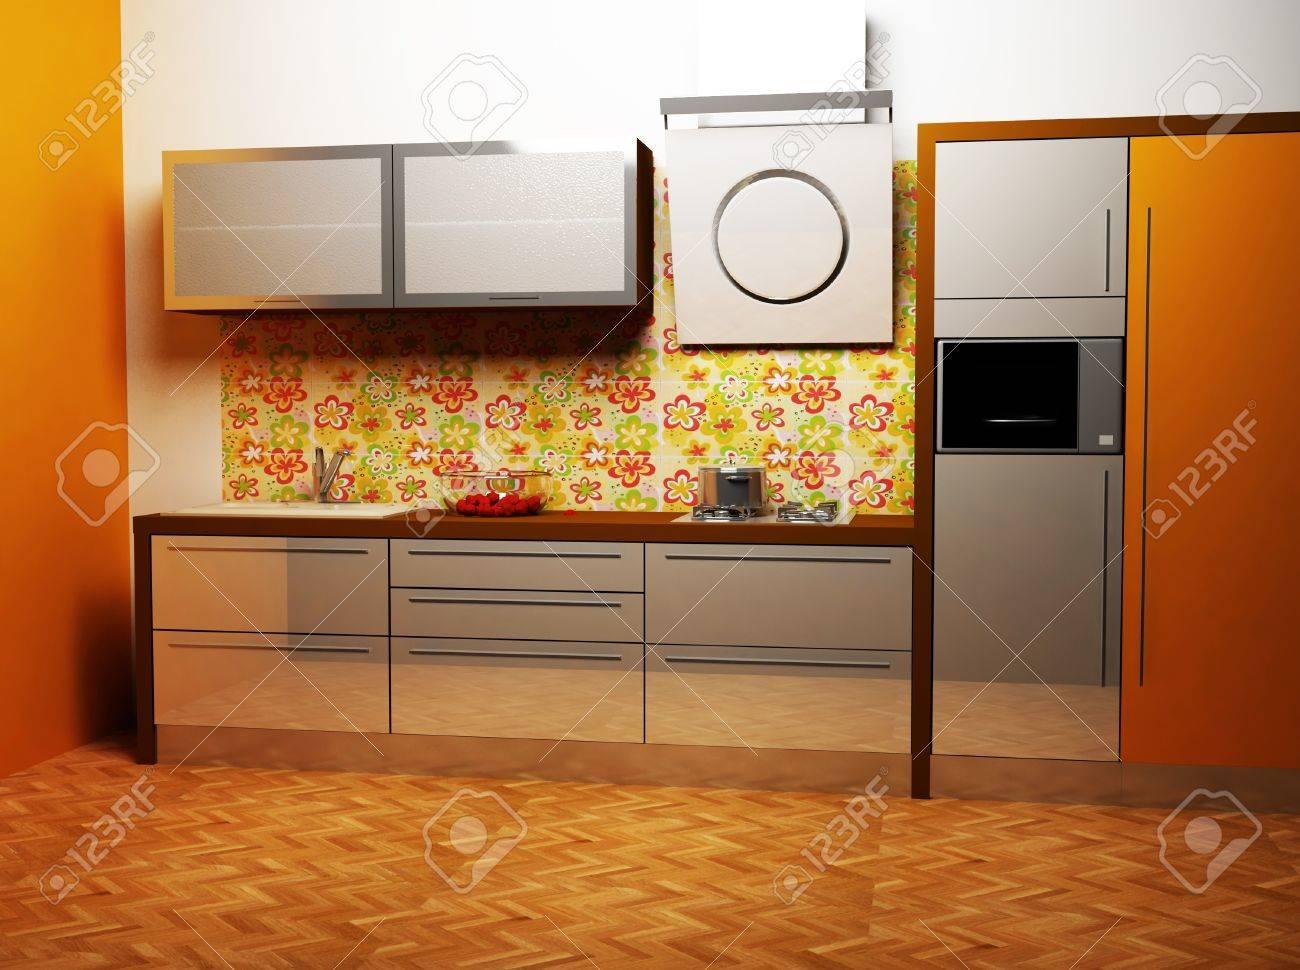 Immagini Stock - Questo è Un Interno Cucina Moderna In Colori Caldi ...